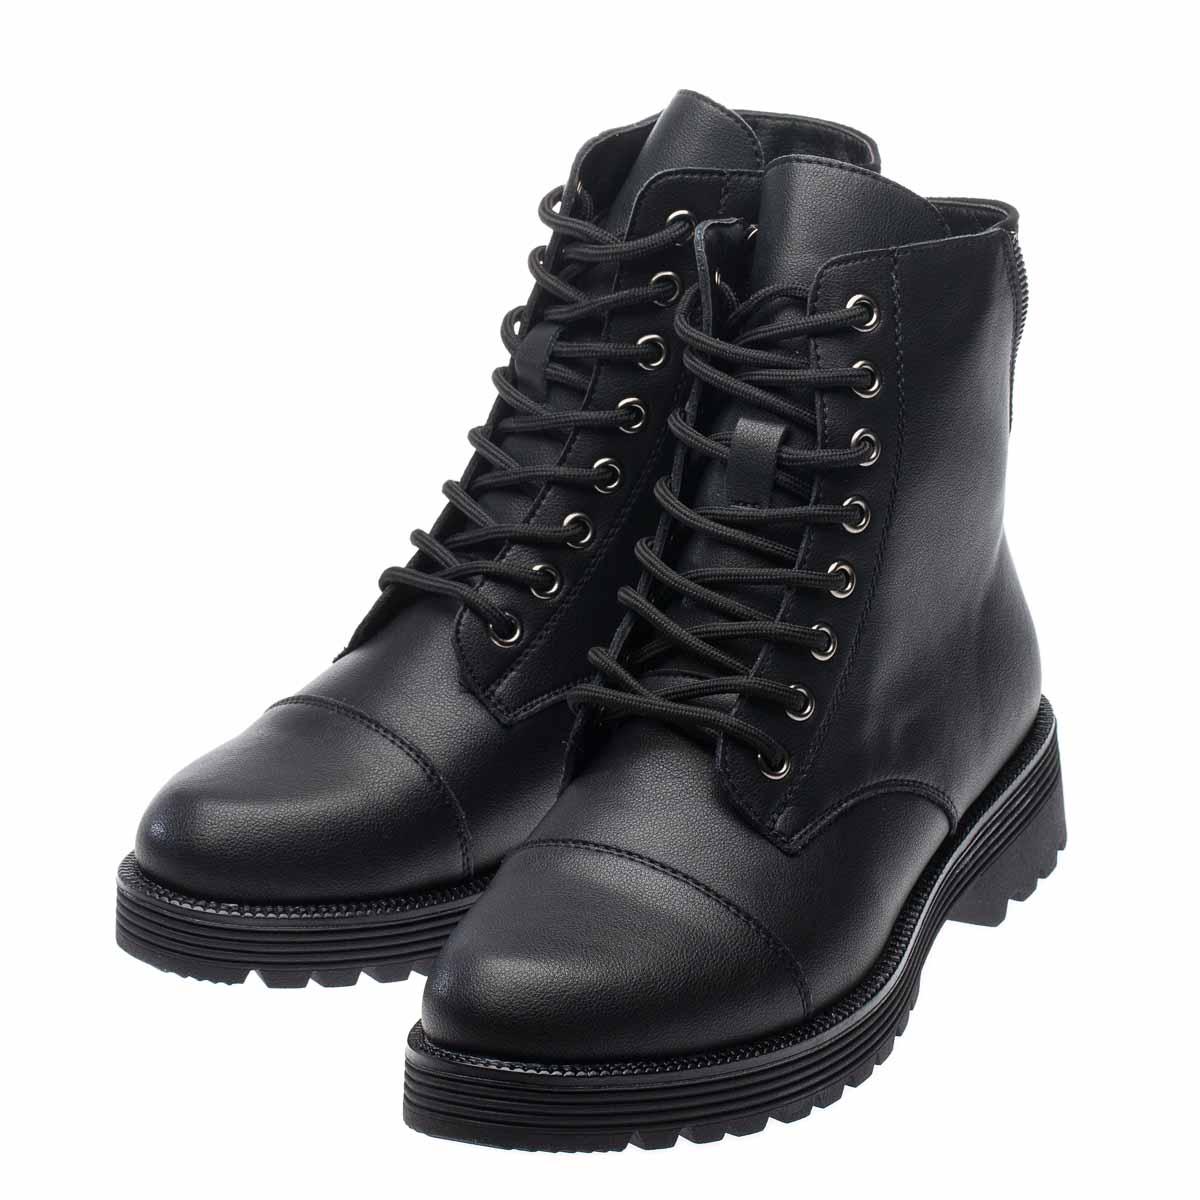 Ботинки демисезонные FERTO, DN18-55519